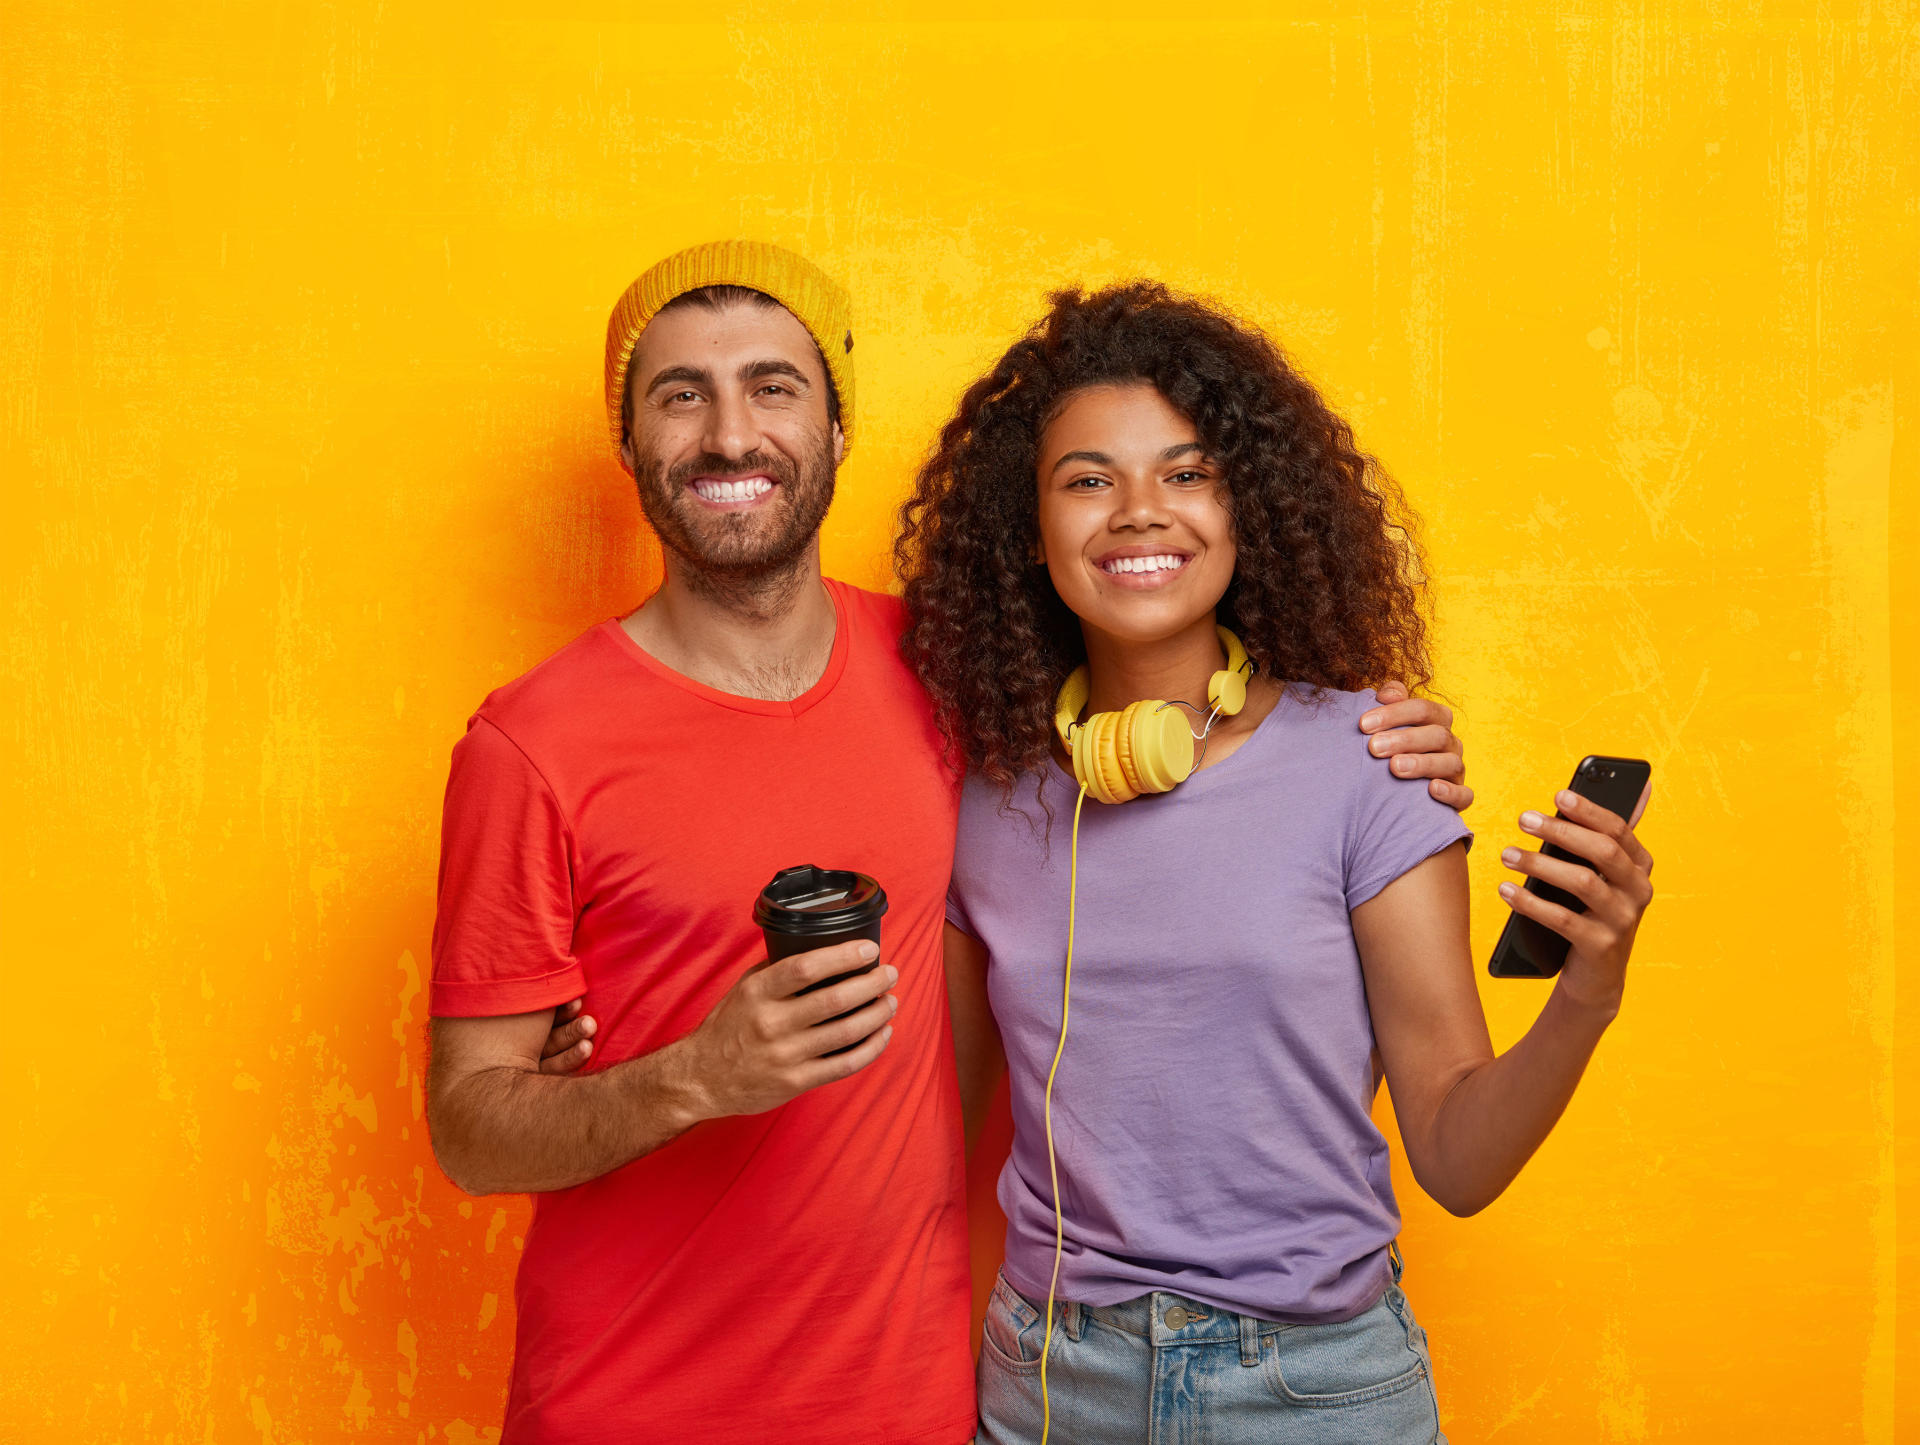 smiling millennials